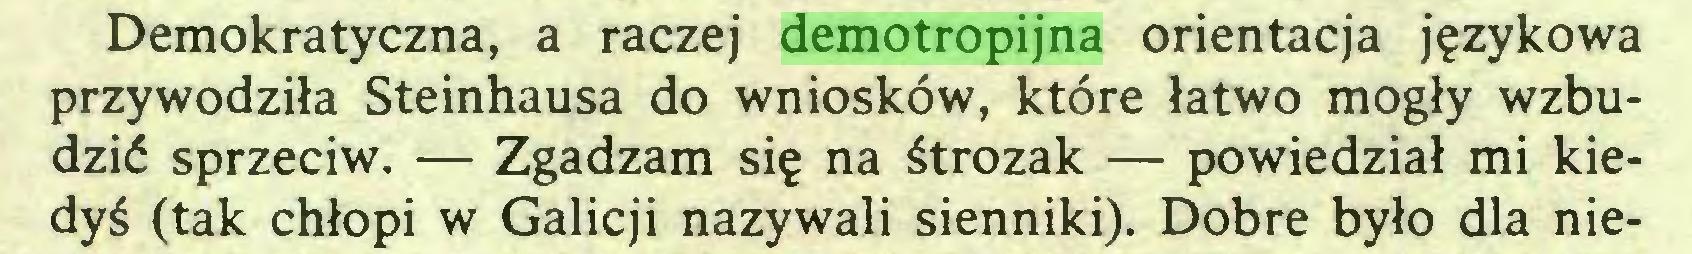 (...) Demokratyczna, a raczej demotropijna orientacja językowa przywodziła Steinhausa do wniosków, które łatwo mogły wzbudzić sprzeciw. — Zgadzam się na śtrozak — powiedział mi kiedyś (tak chłopi w Galicji nazywali sienniki). Dobre było dla nie...